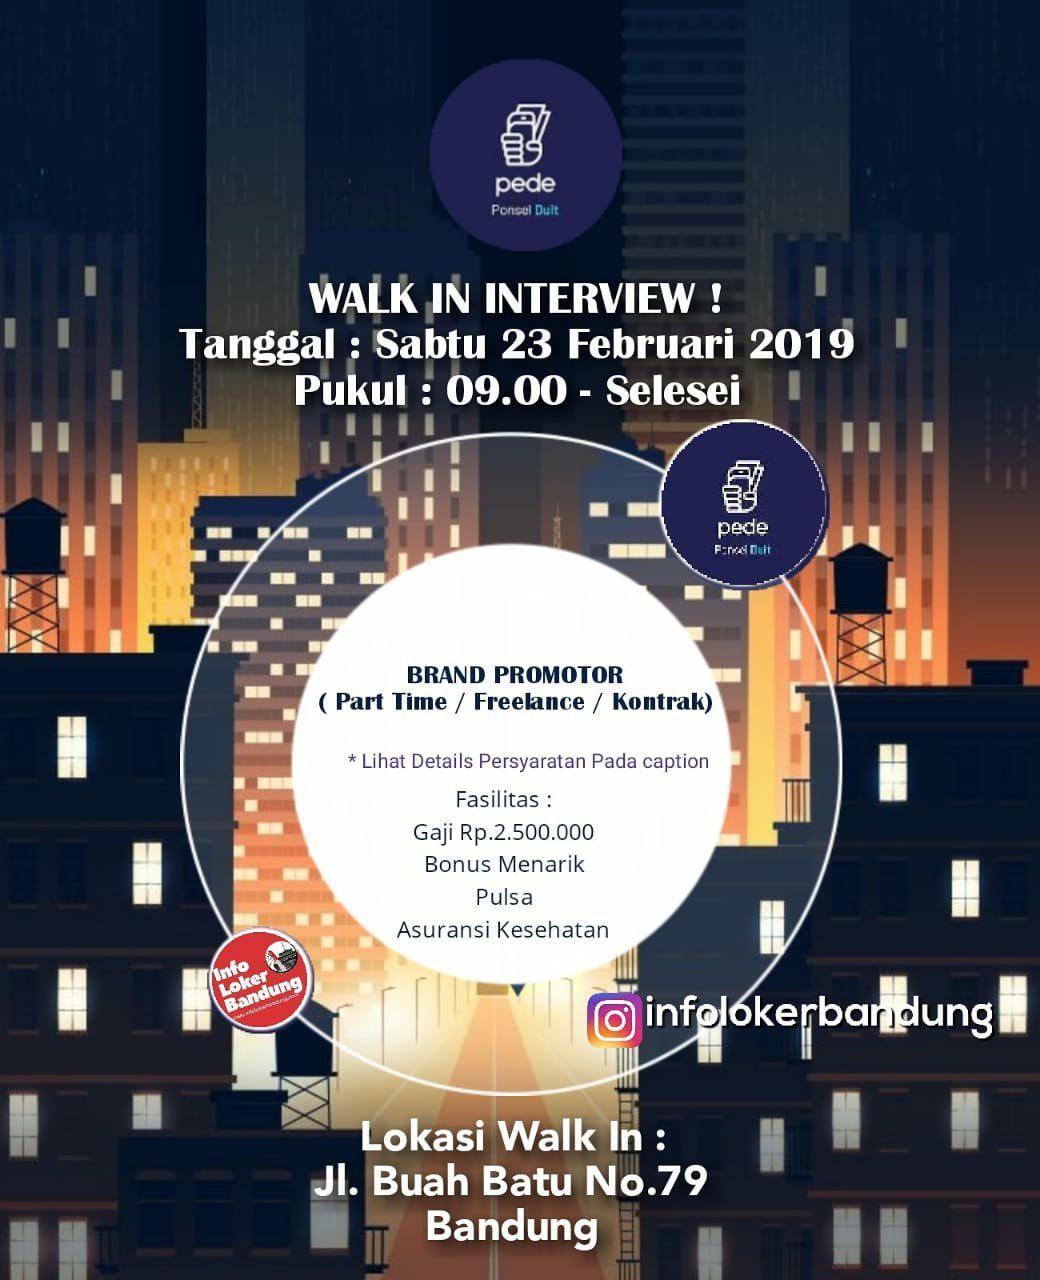 Walk In Interview ! 23 Februari 2019 Pede Bandung Februari 2019